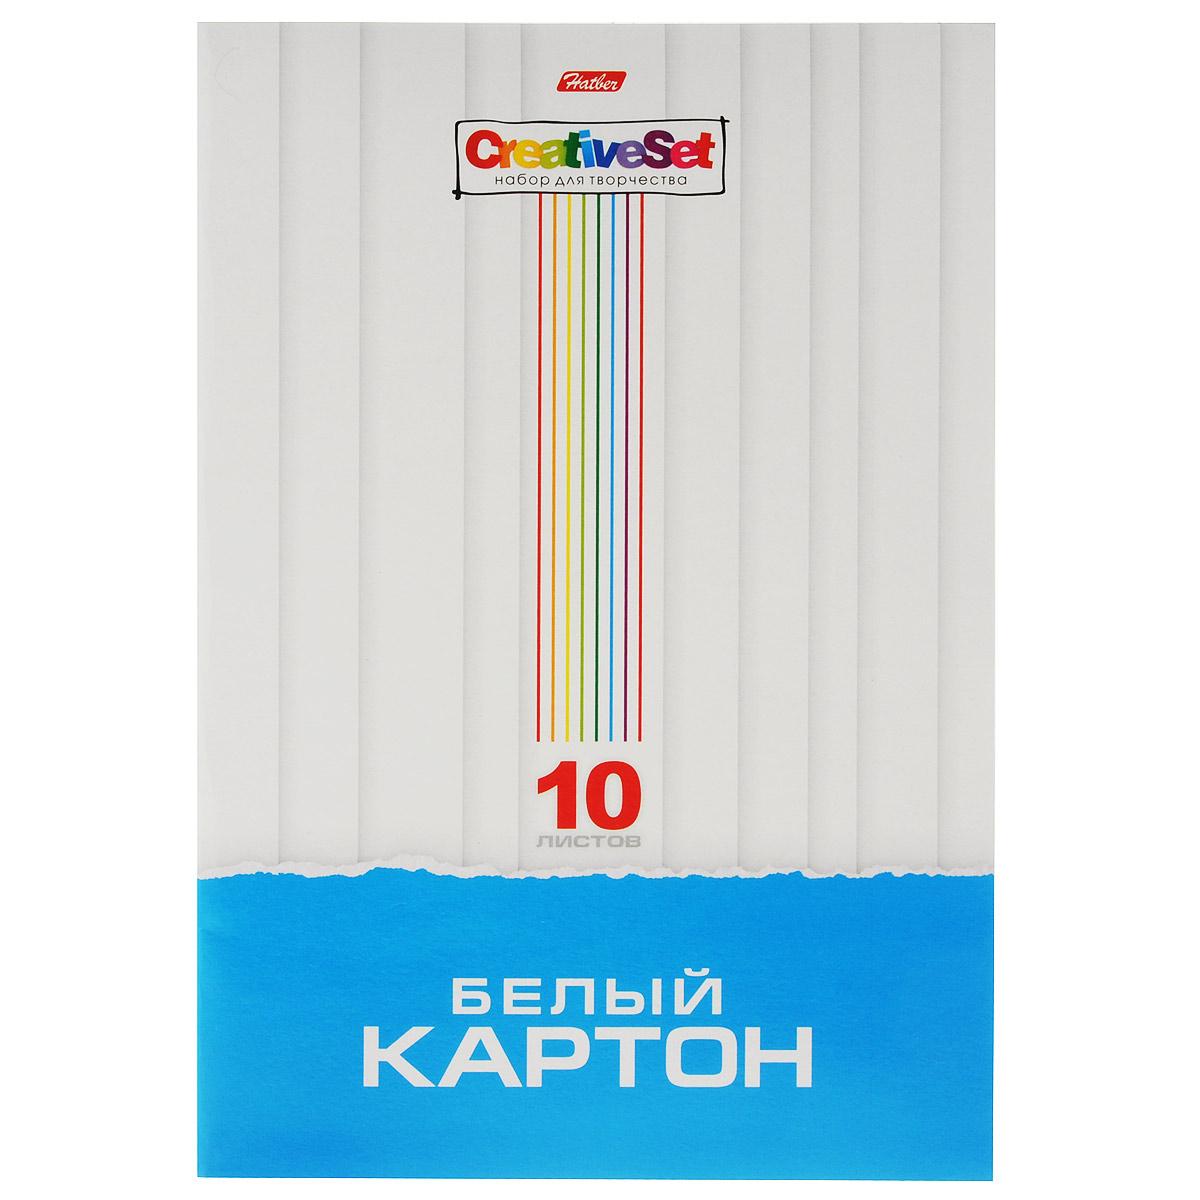 Картон Hatber Creative Set, цвет: белый, 10 листов10Кб4_05806Картон Hatber Creative Set позволит вашему ребенку создавать всевозможные аппликации и поделки. Набор состоит из десяти листов картона белого цвета с полуглянцевым покрытием формата А4. Картон упакован в оригинальную картонную папку, на ее внутренней стороне расположена раскраска c изображением ракеты, спутников и звезд.Создание поделок из картона поможет ребенку в развитии творческих способностей, кроме того, это увлекательный досуг. Рекомендуемый возраст от 6 лет.